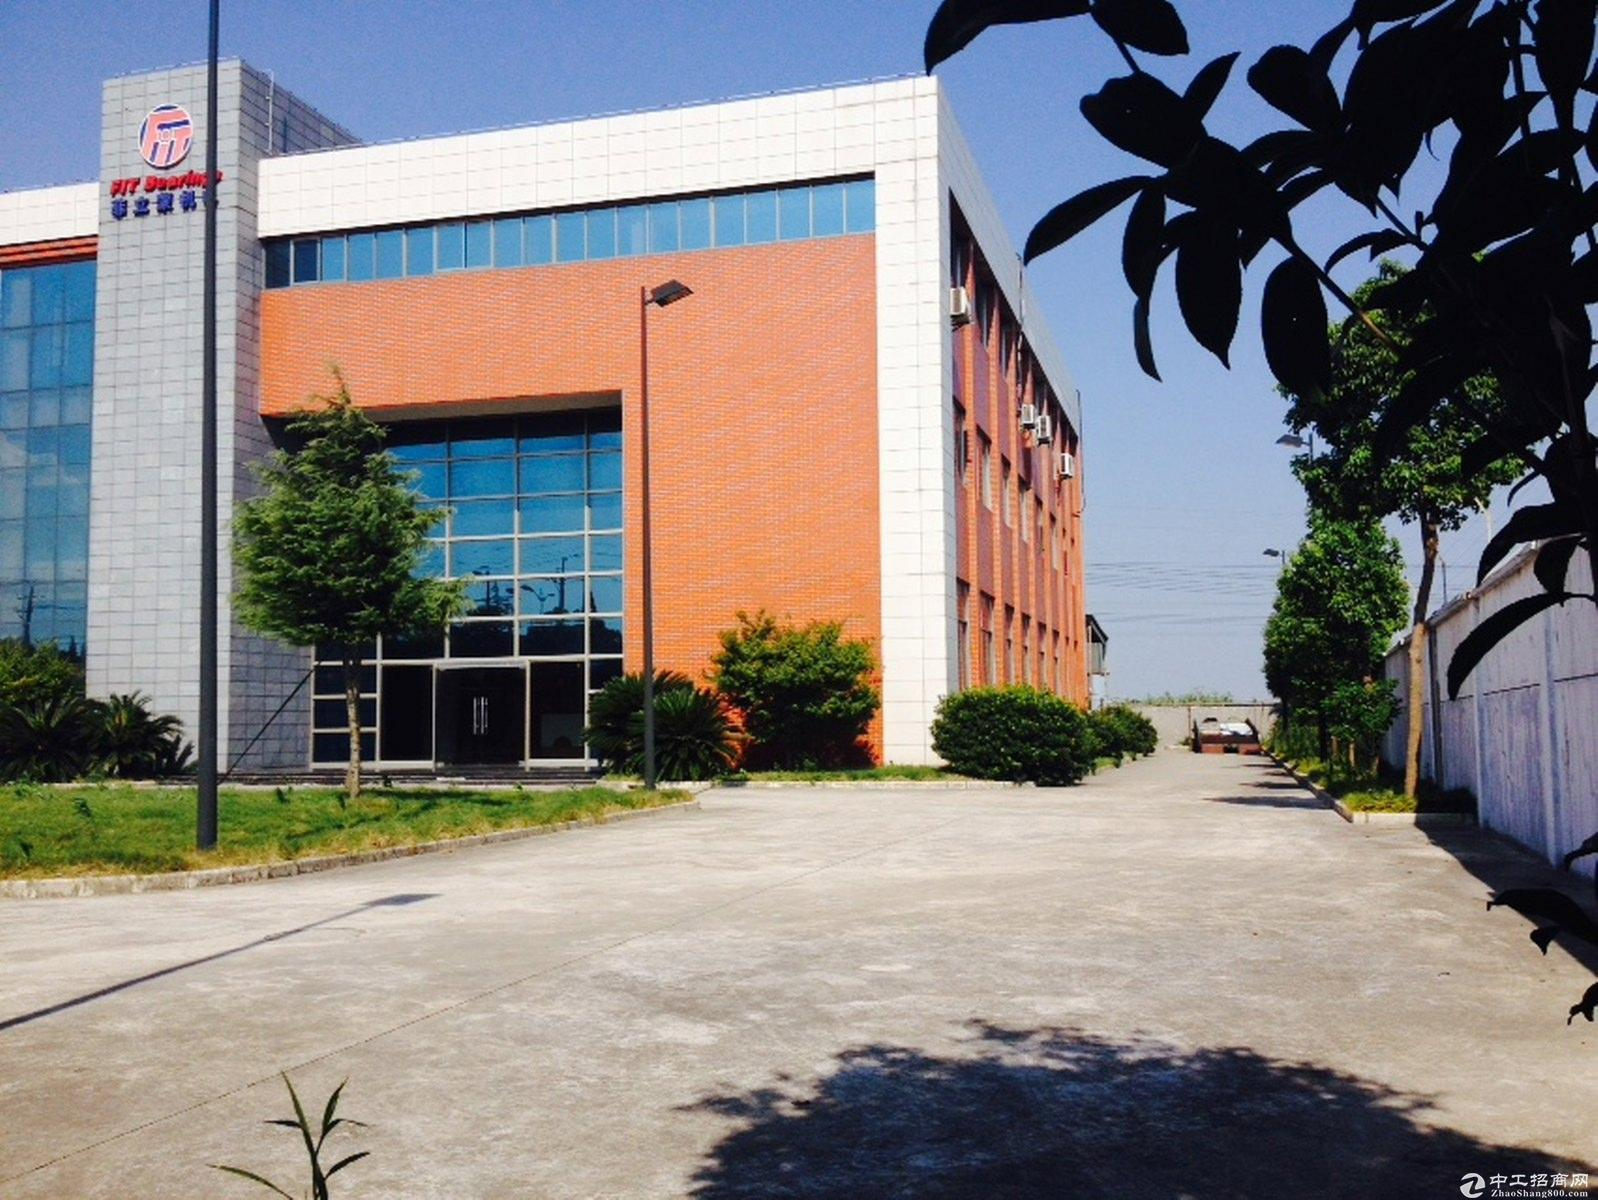 金山朱泾高速口独栋双层工业104板块沿街可生产加工型厂房可投资